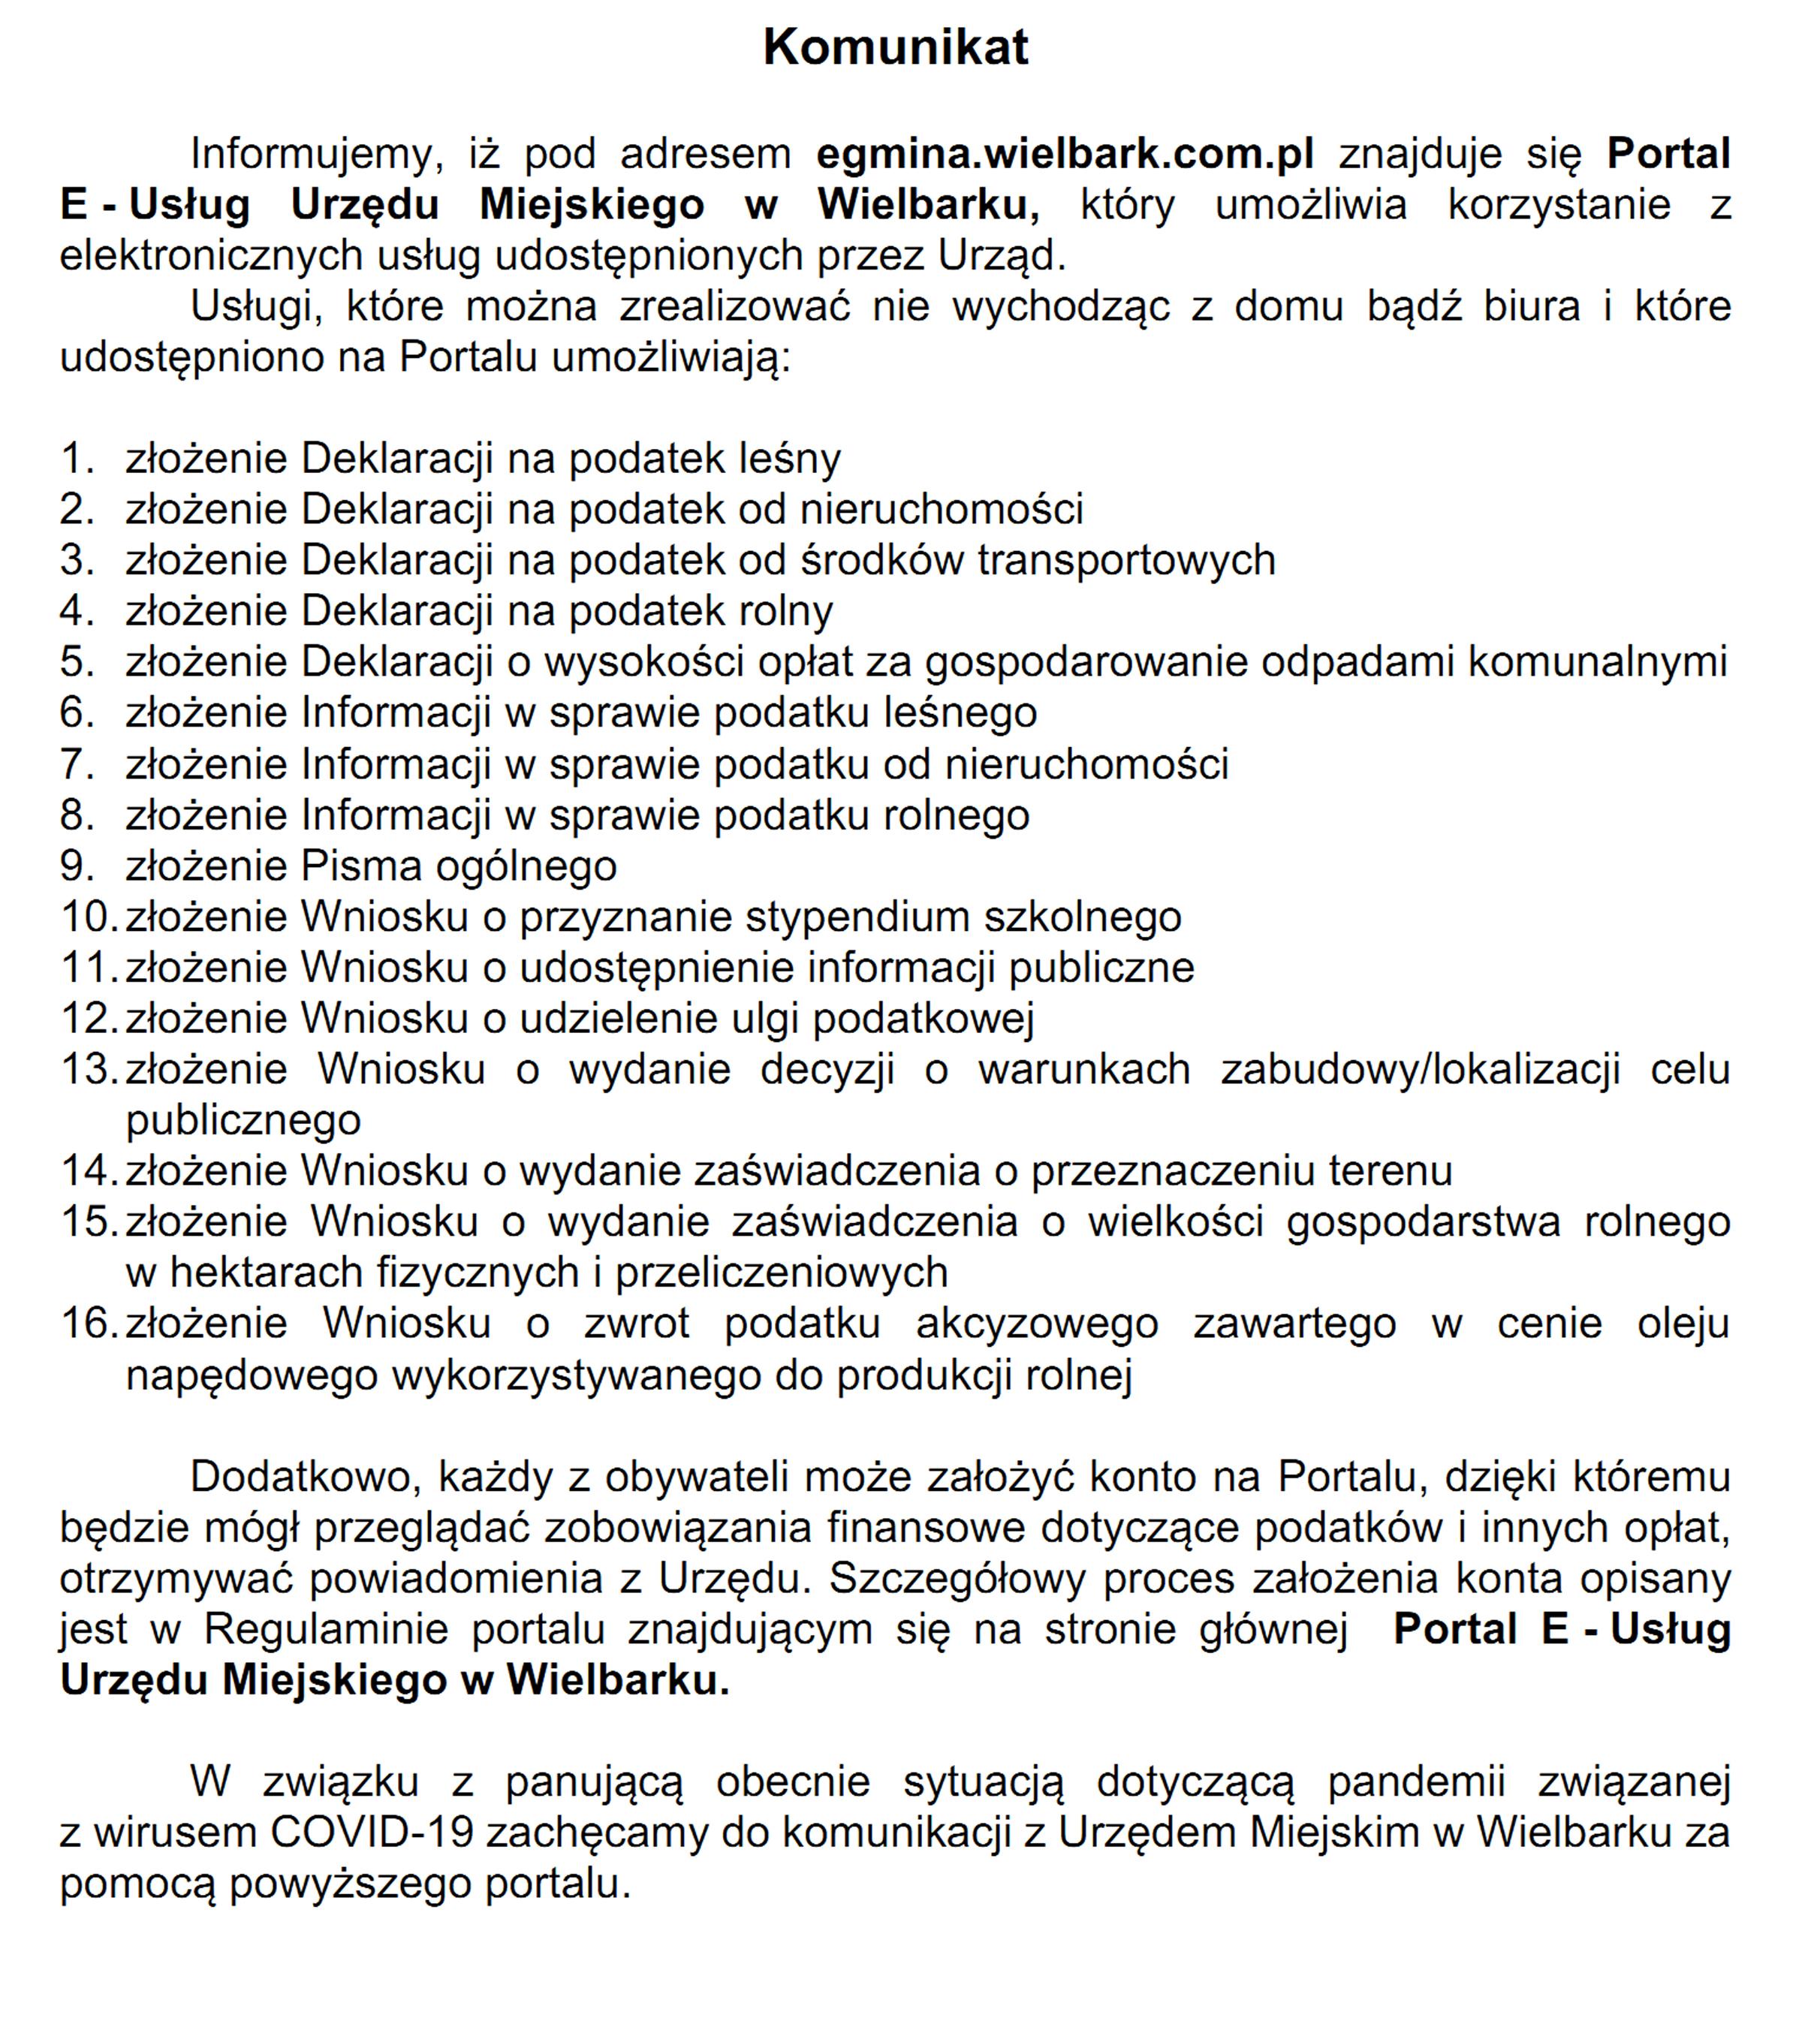 https://m.powiatszczycienski.pl/2021/03/orig/komunikat-dotyczacy-portalu-e-uslug-urzedu-miejskiego-w-wielbarku-38874.jpg